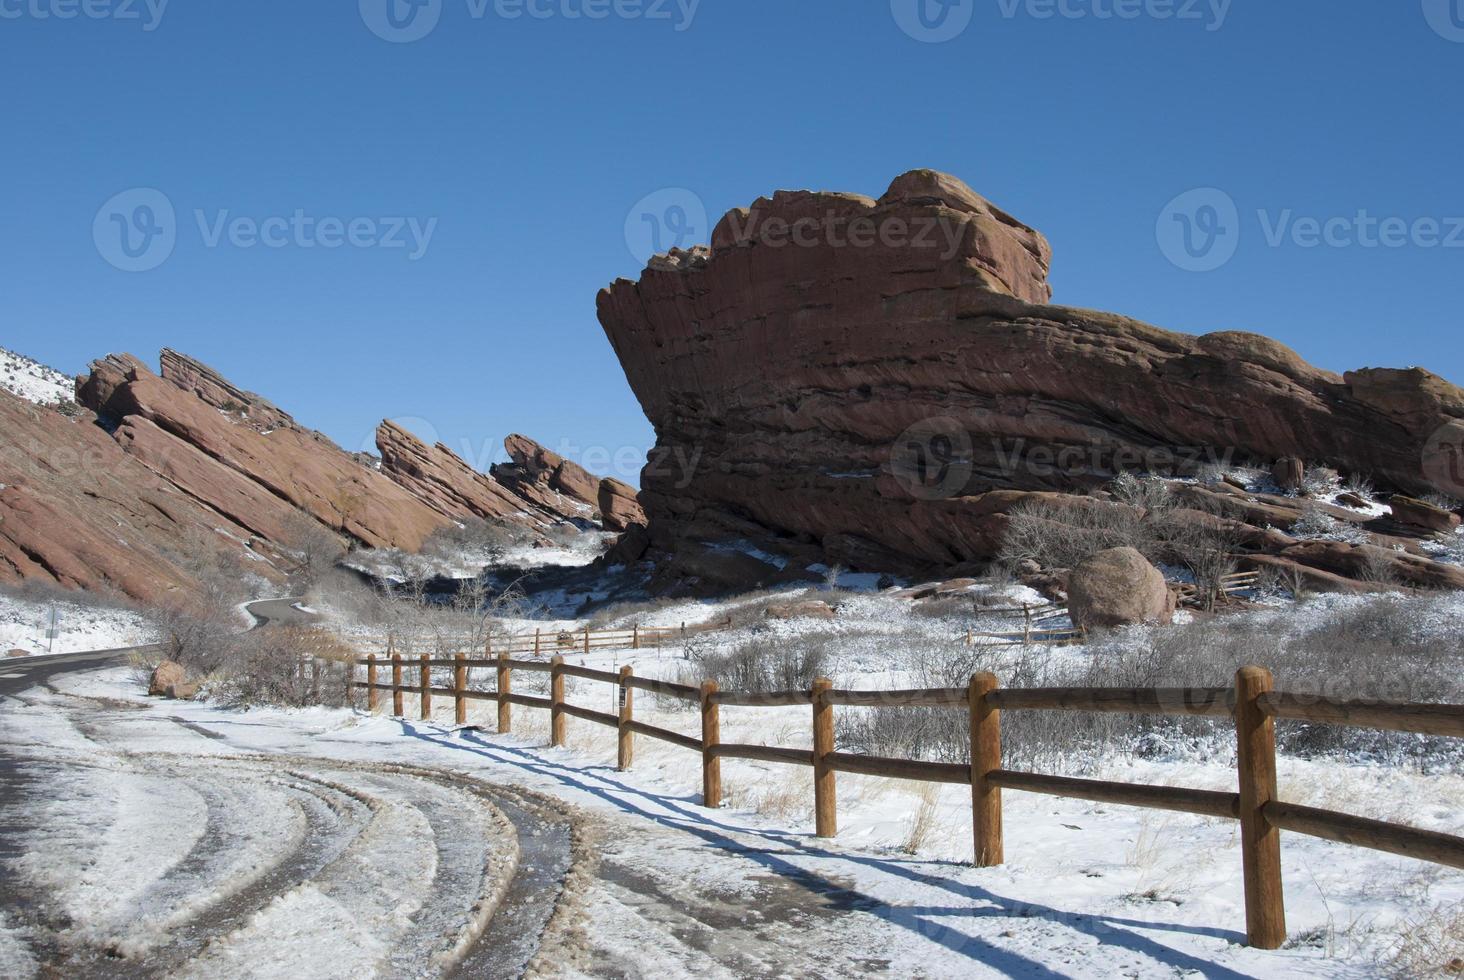 parco di rocce rosse colorado in inverno foto